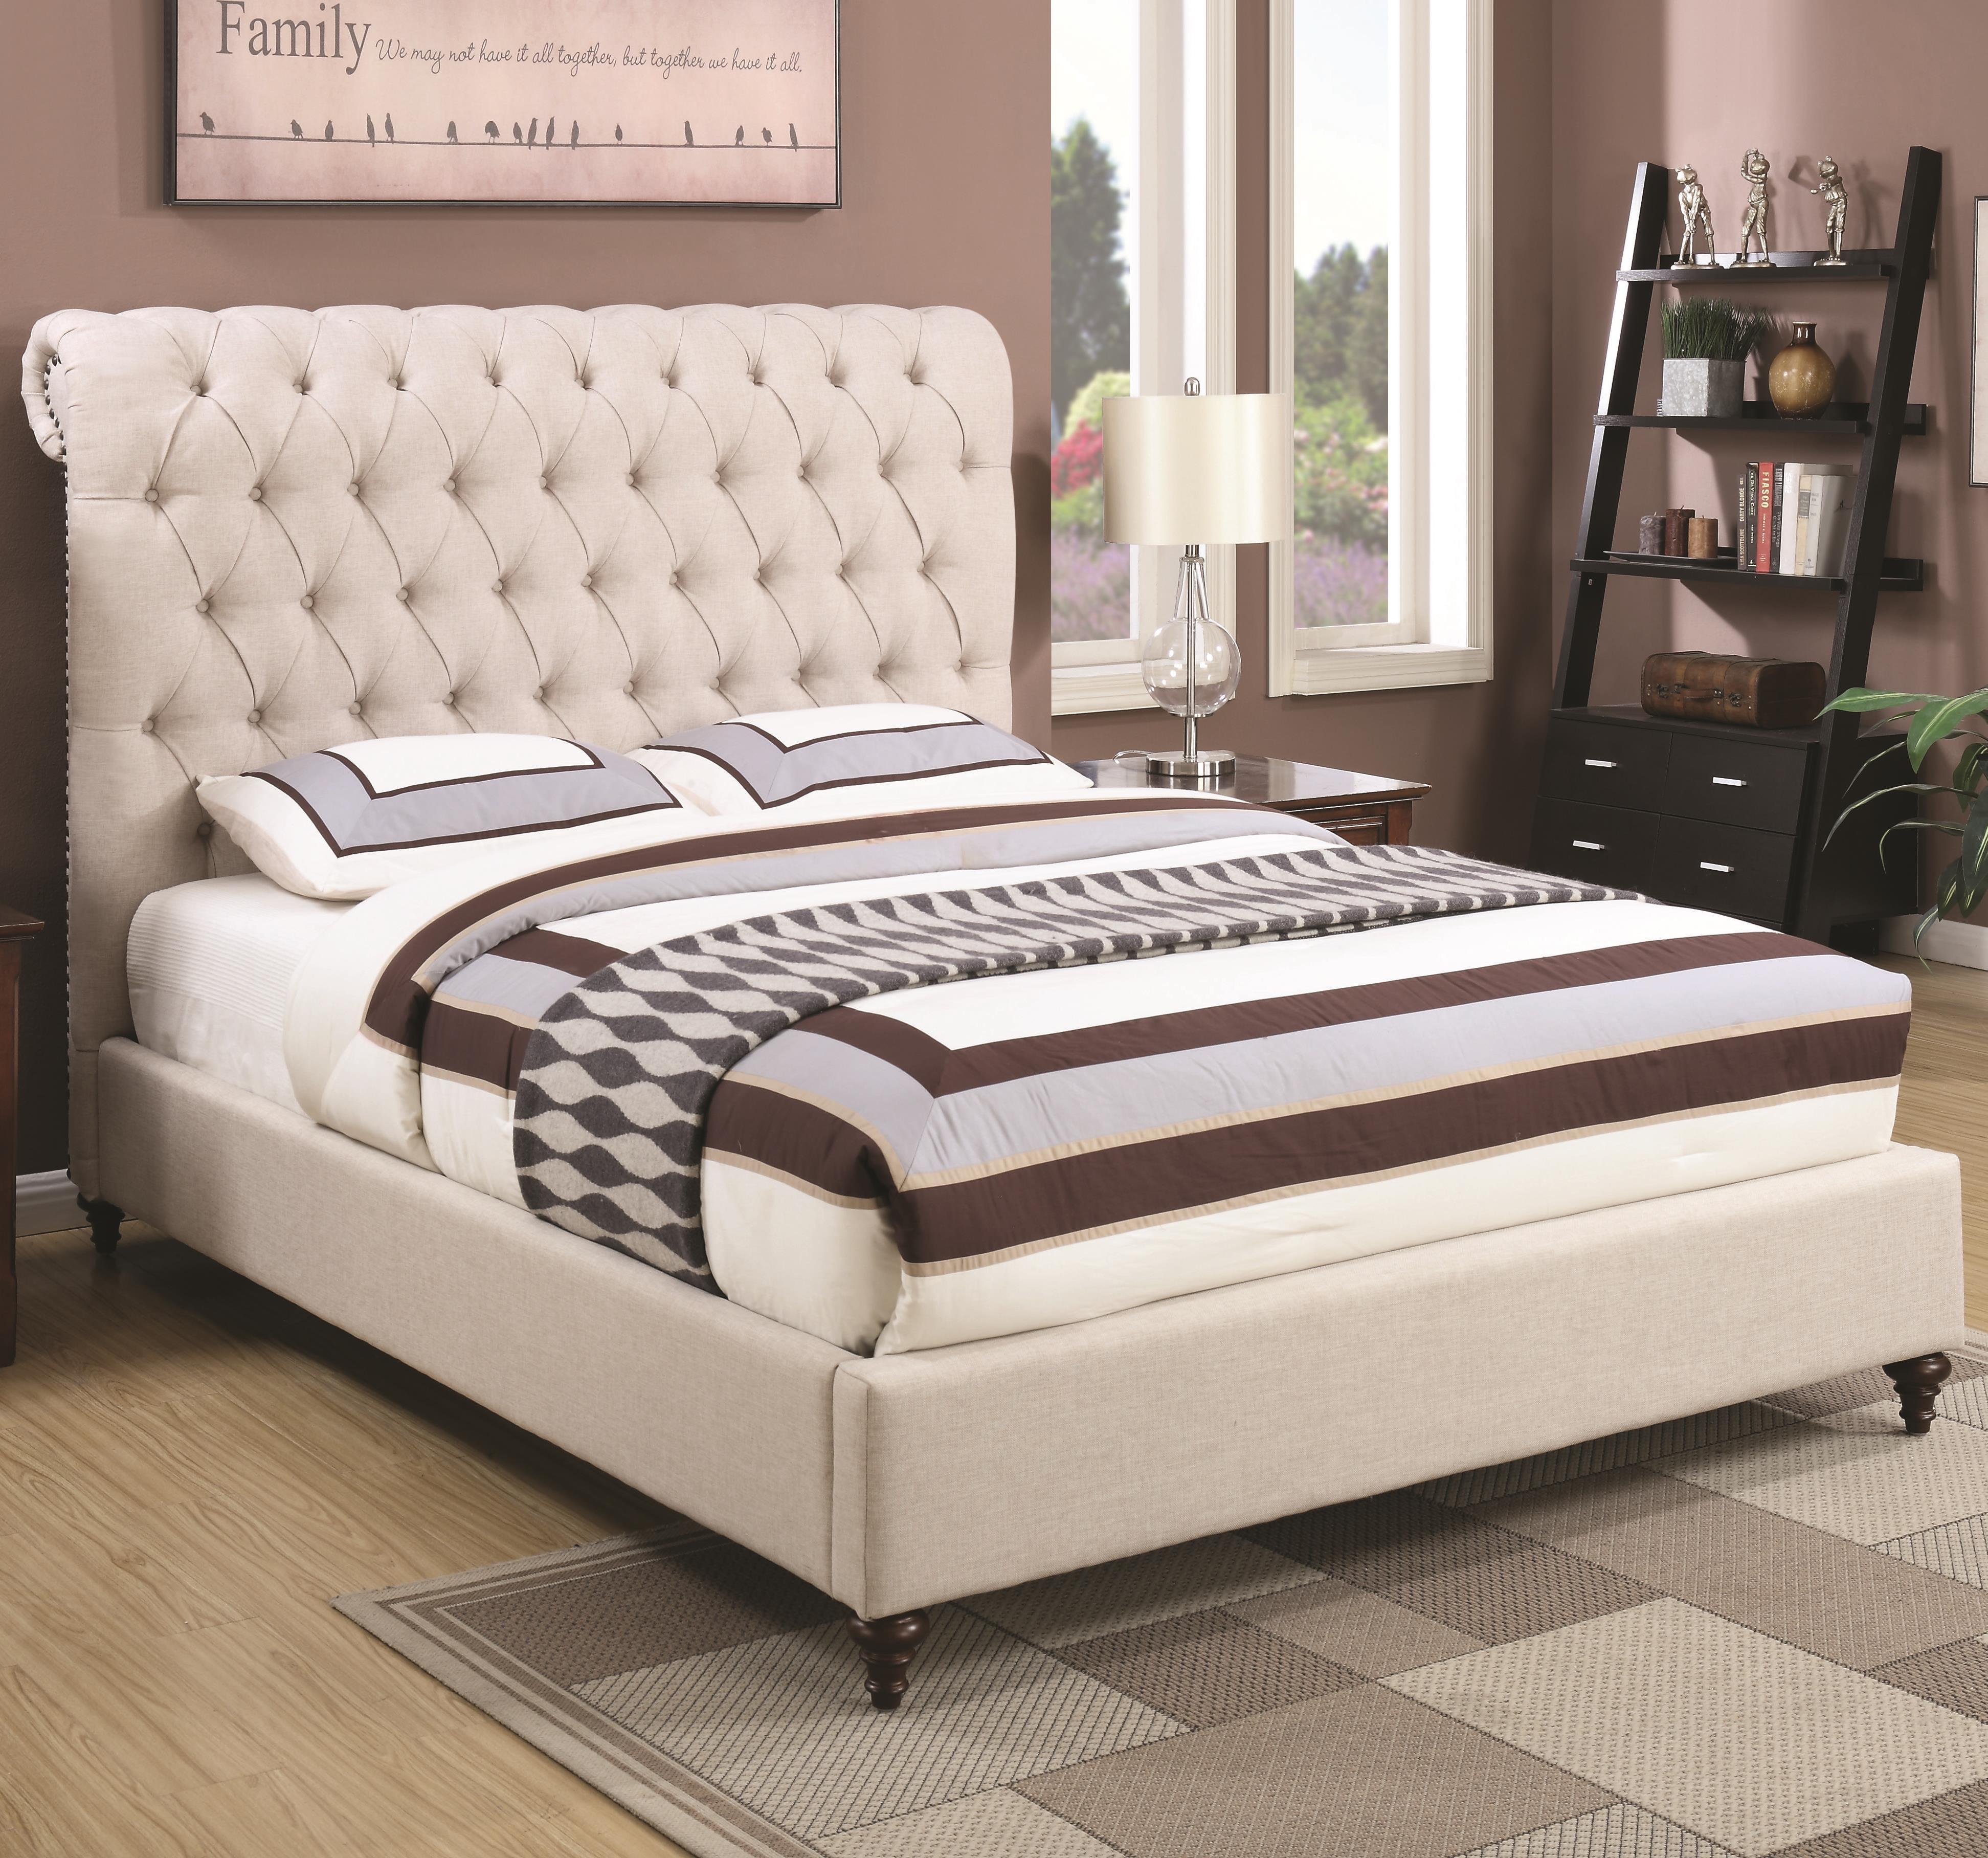 Coaster Devon California King Upholstered Bed - Item Number: 300525KW